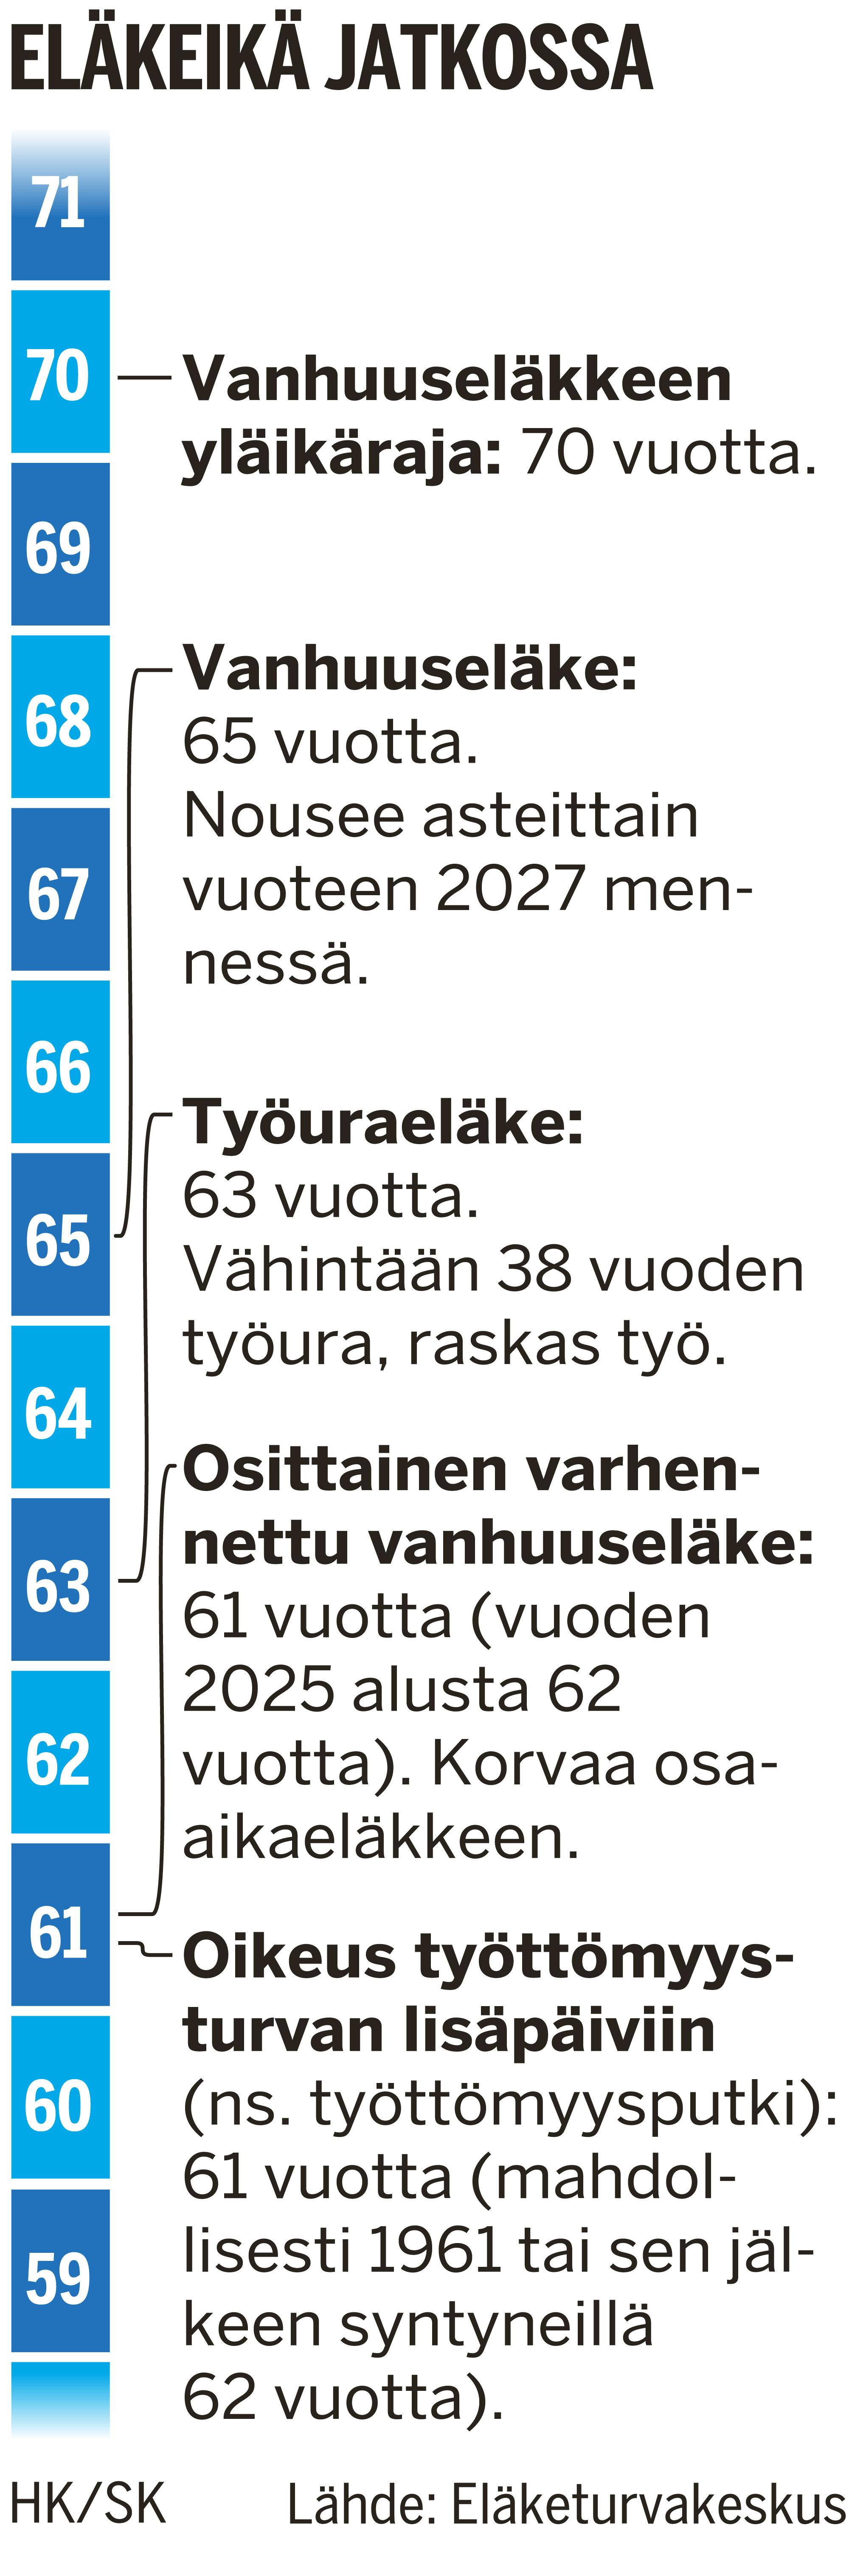 Grafiikka Hannu Kyyriäinen.